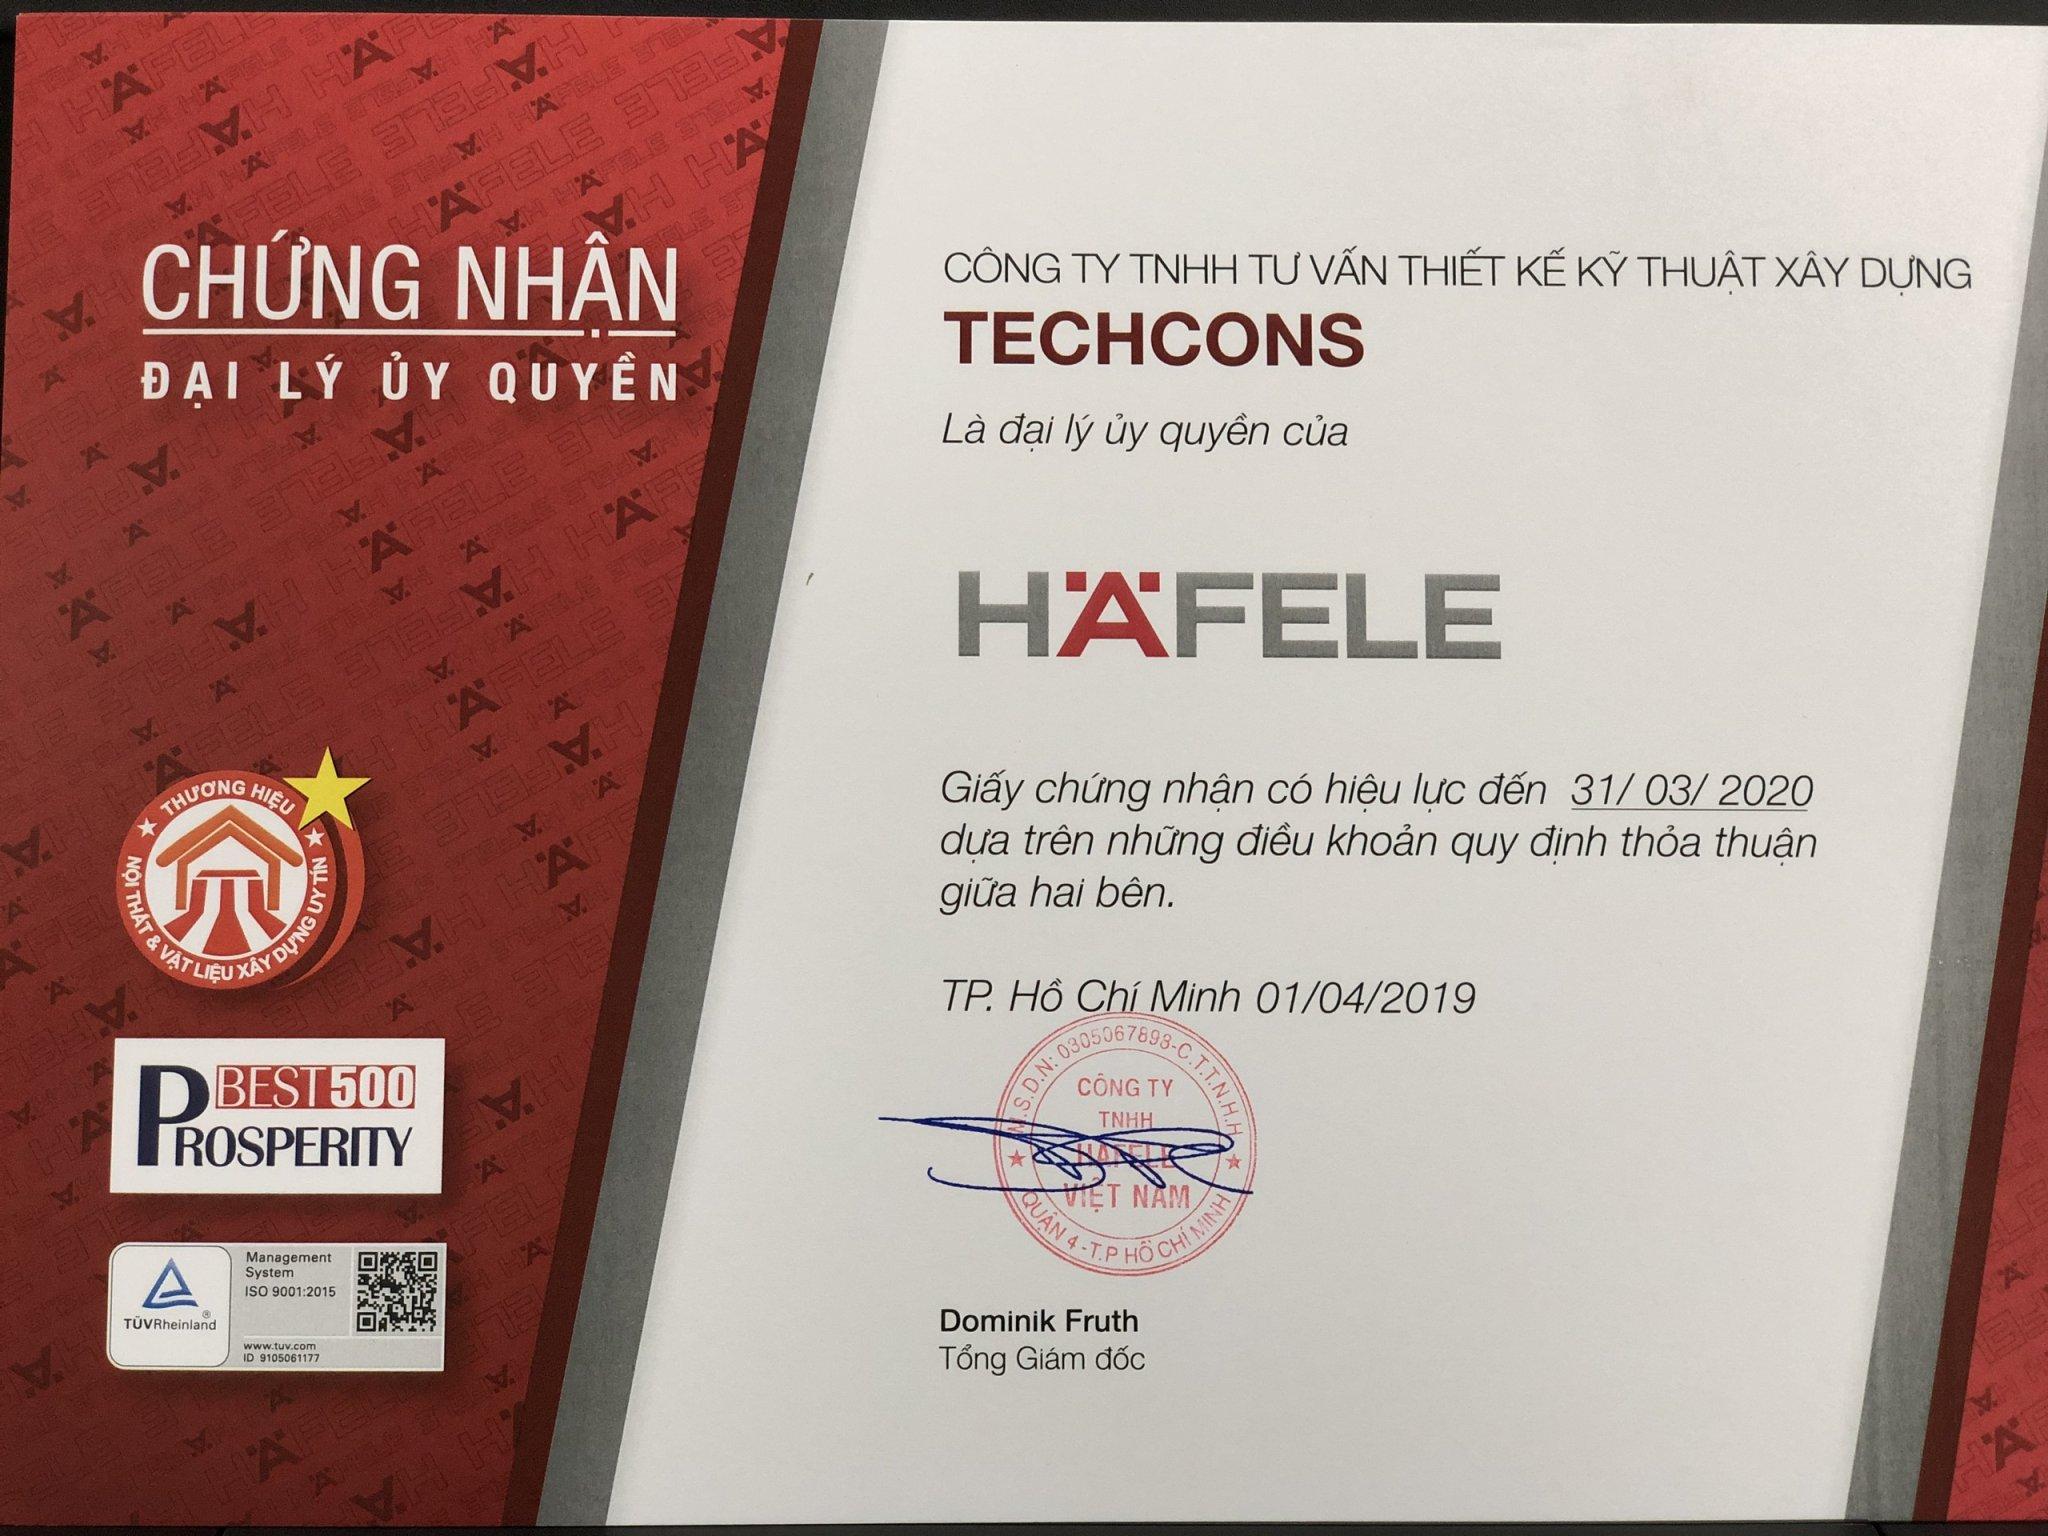 Giấy chứng nhận phân phối các sản phẩm của Hafele Việt Nam